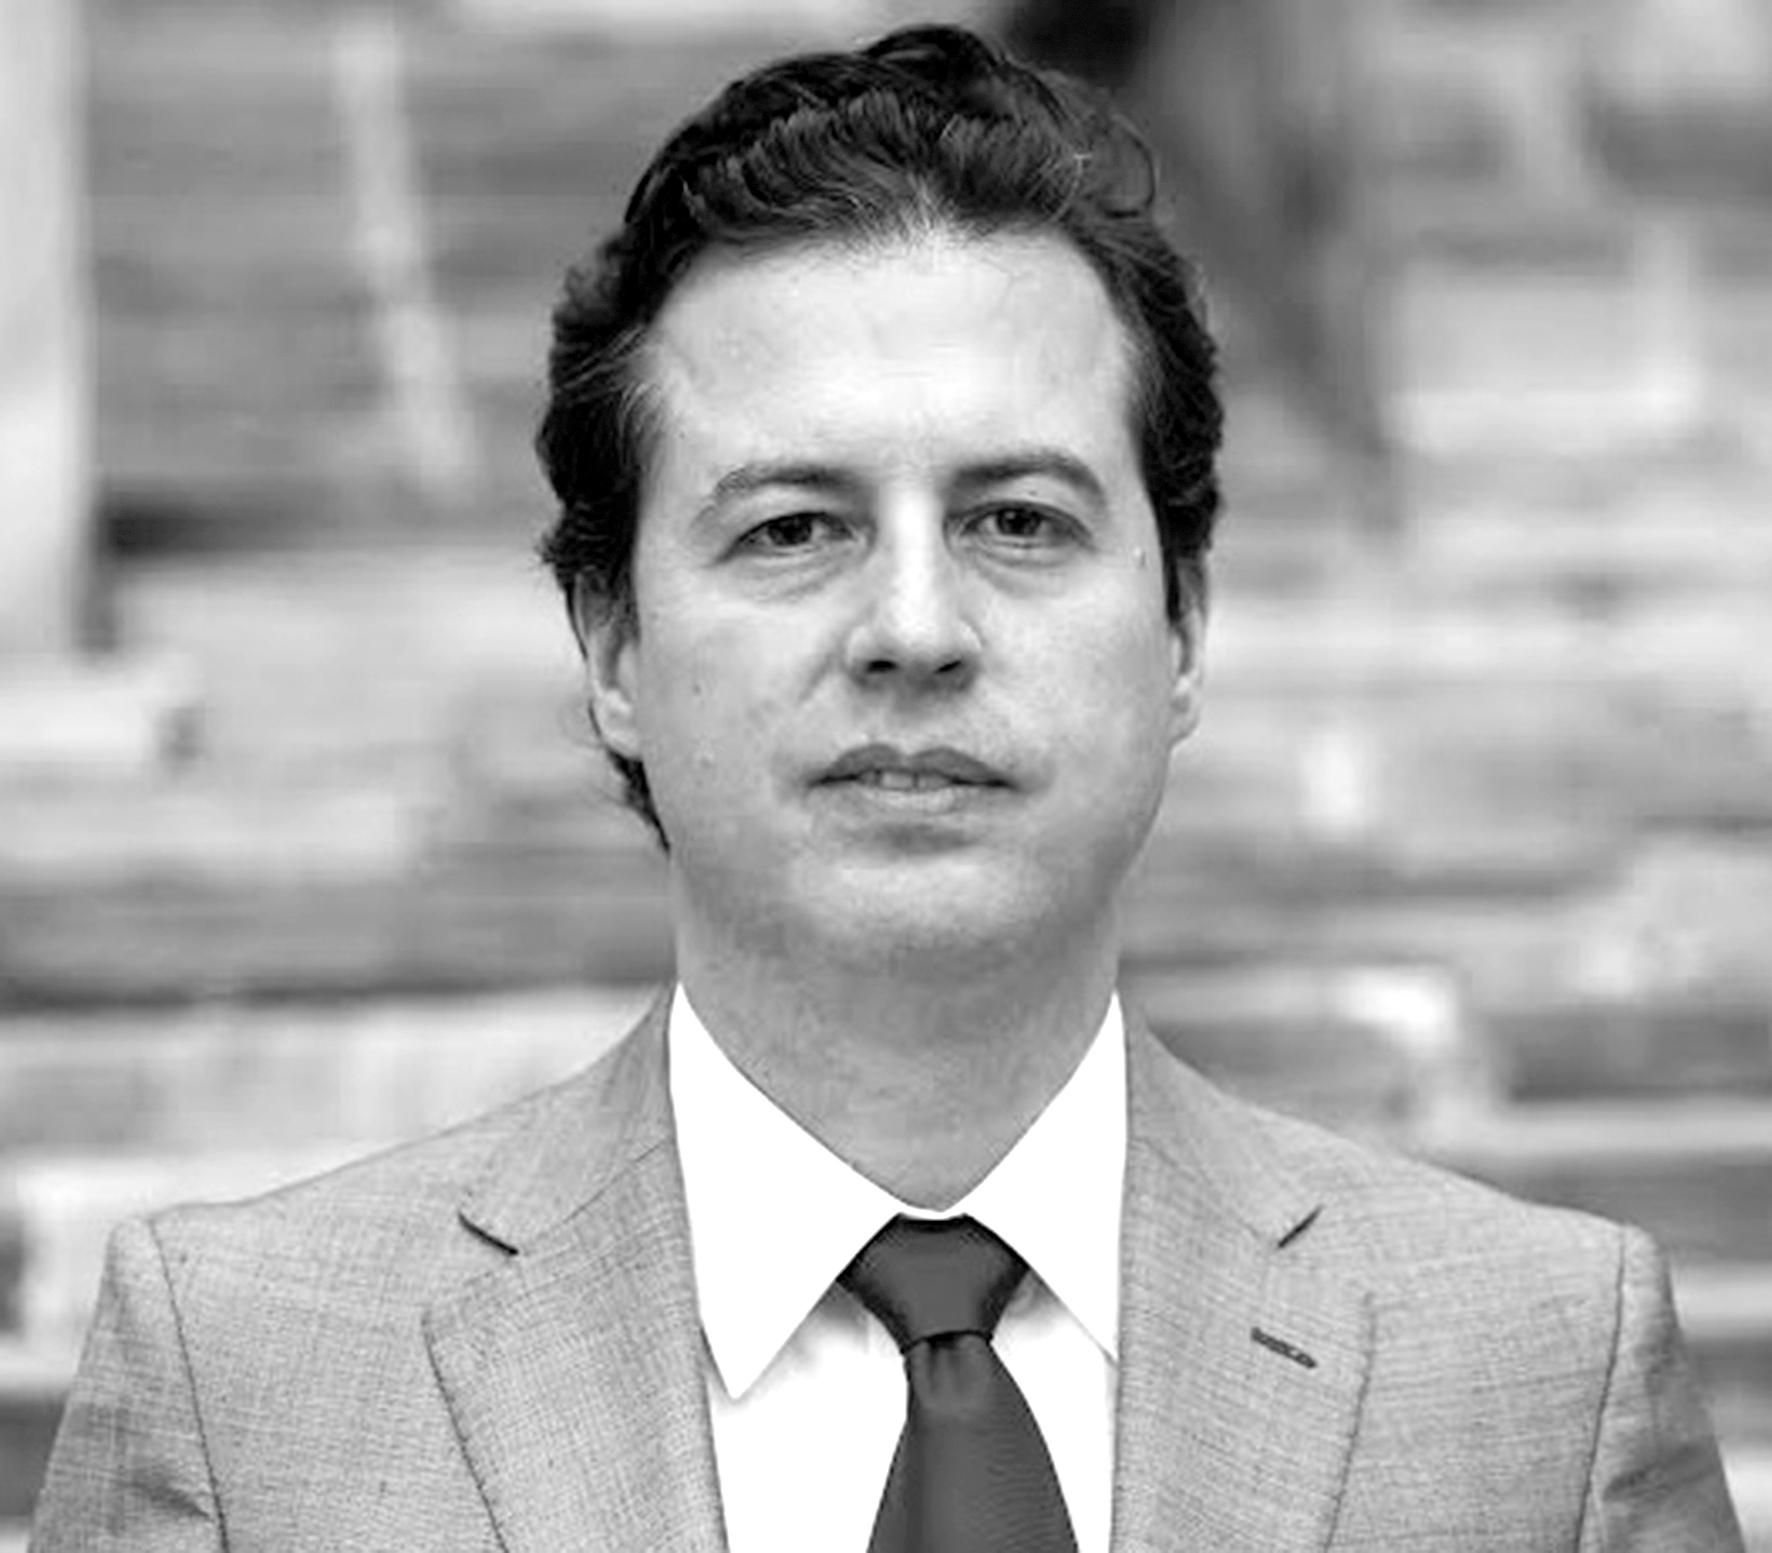 Treinta años sin Galán, treinta años sin mi papá Por: Juan Manuel Galán | Columnistas | Opinión | EL FRENTE